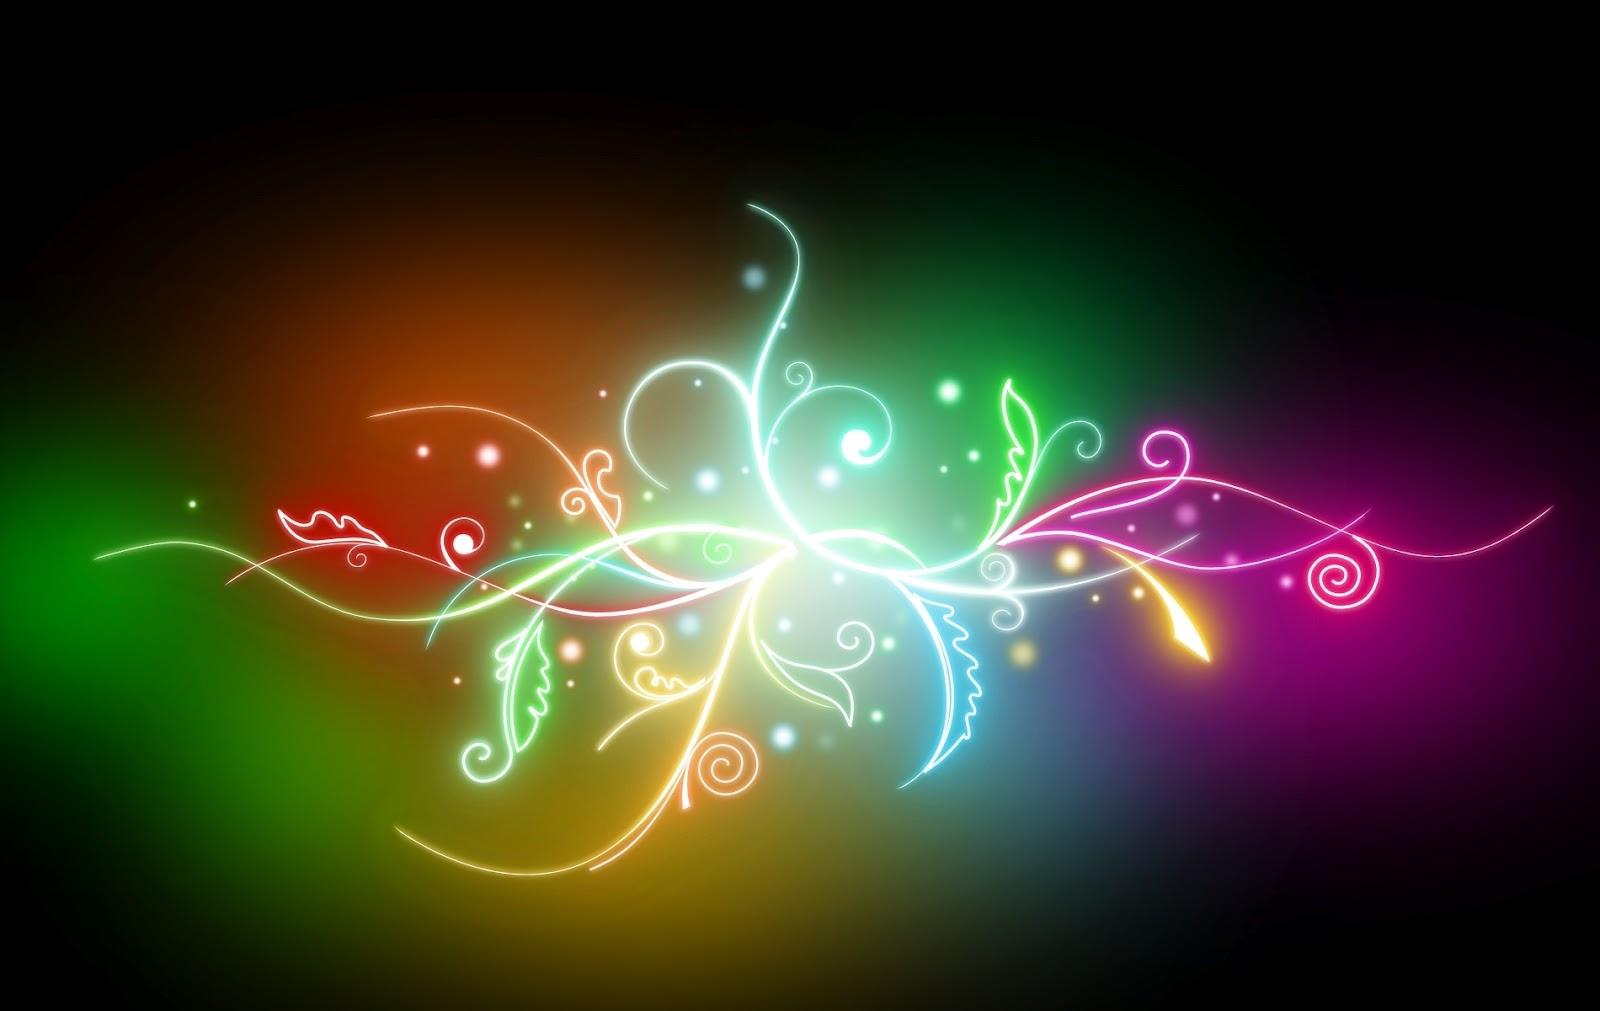 http://2.bp.blogspot.com/-9jqDce9AbXE/T-6Kc14ePdI/AAAAAAAAChA/oNCqGh2KRL8/s1600/Musical+Wallpapers+1900x1200.jpg